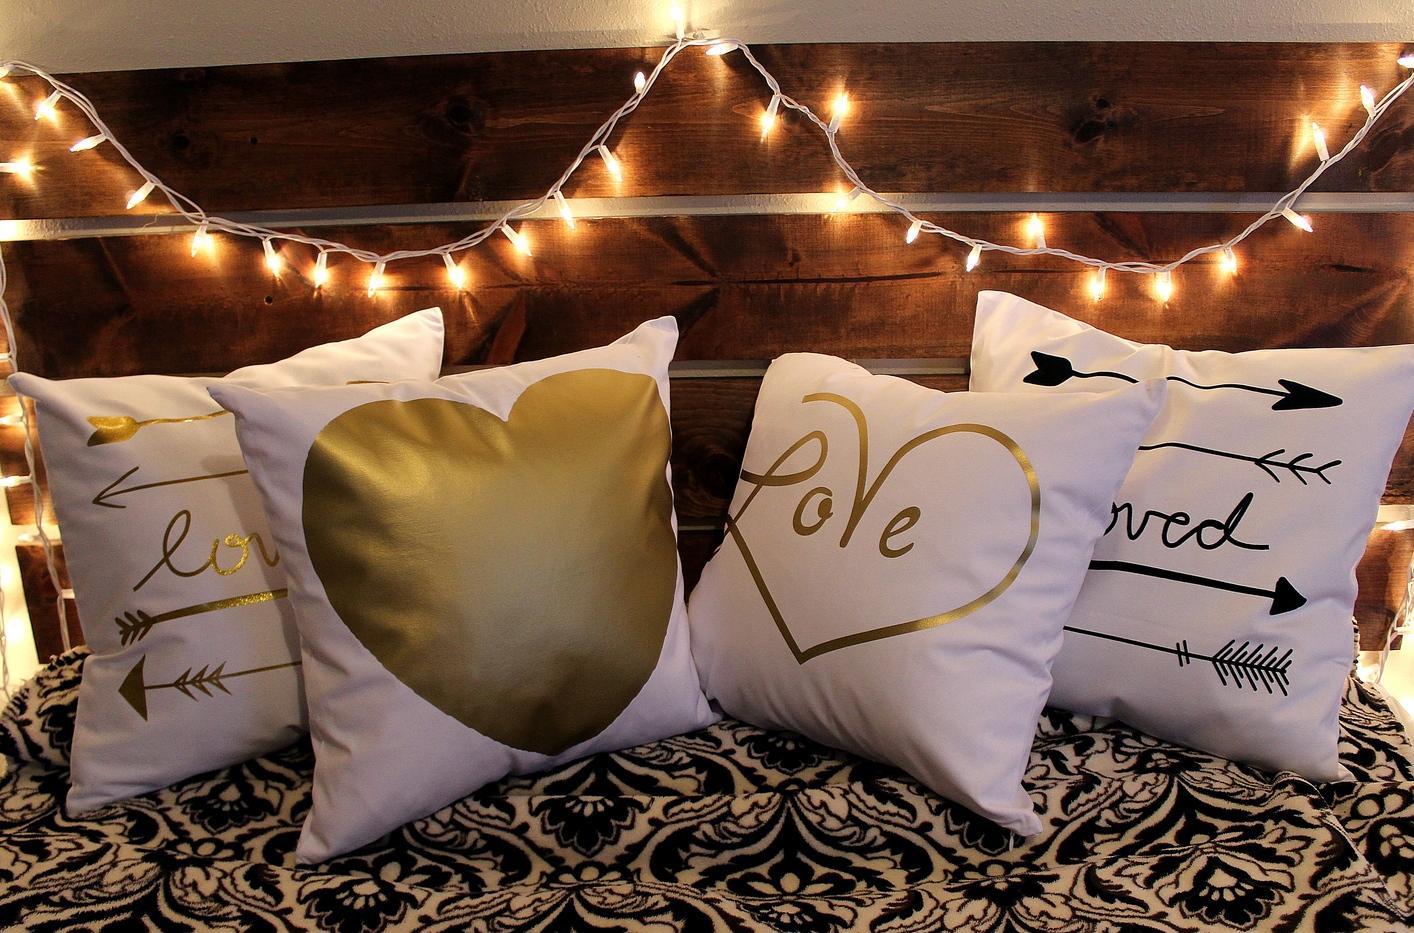 pin koi cases gold pillow decor home dot pattern polka pillows throw